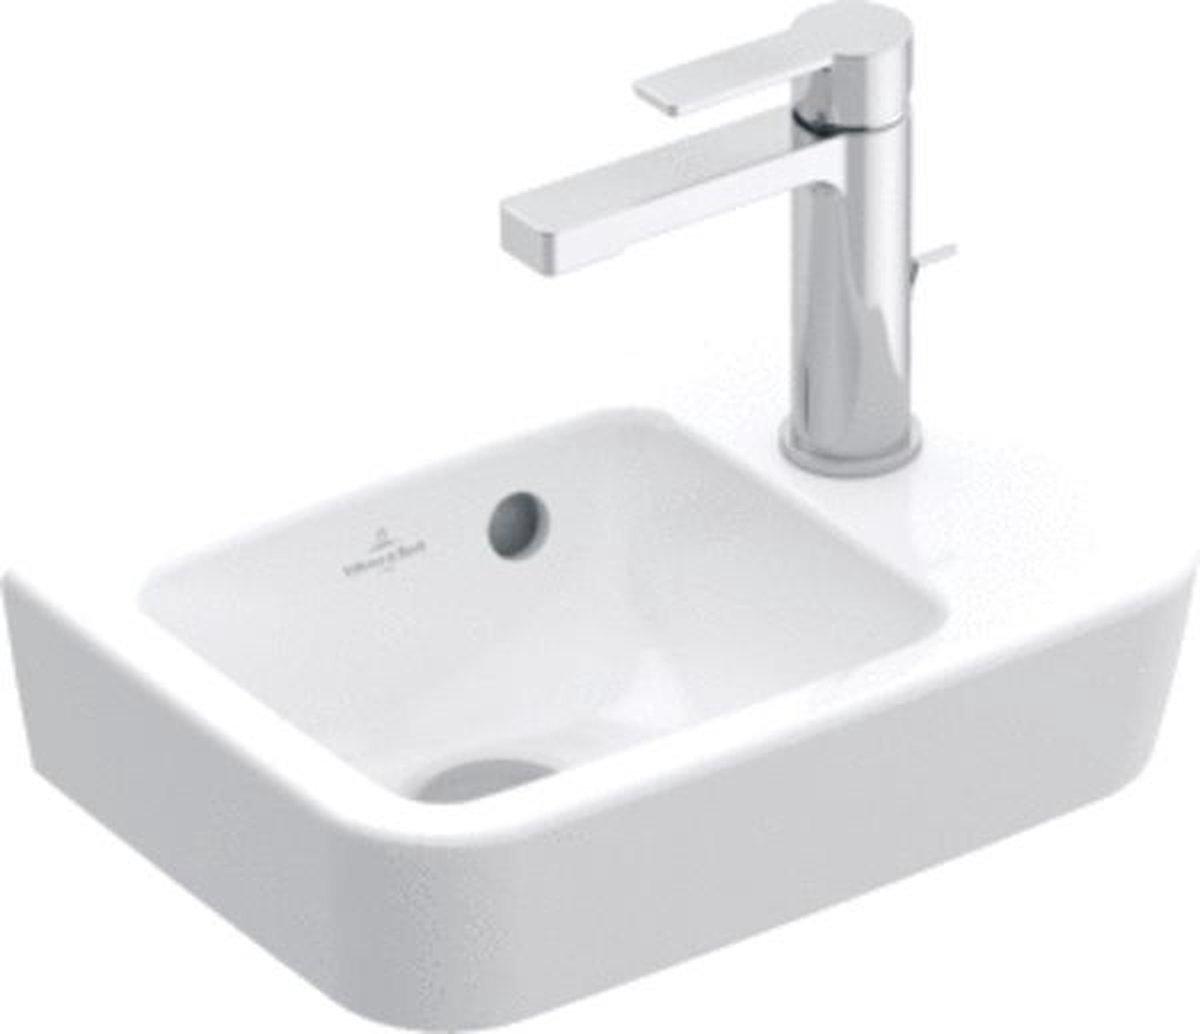 Villeroy & Boch O.novo fontein 36X25cm 1 kraangat rechts zonder overloop wit